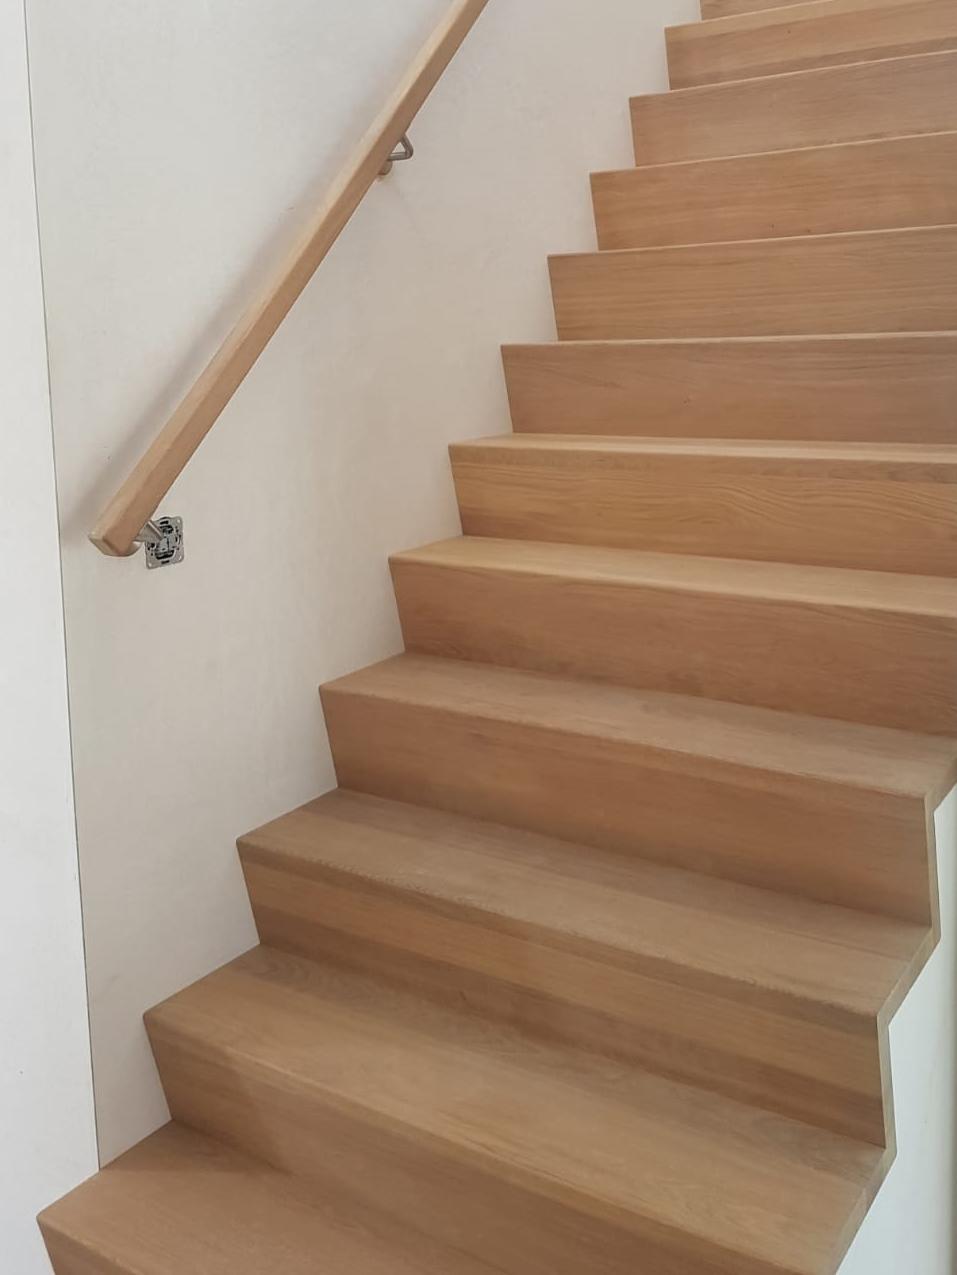 Soorten houten trappen trap in beeld z trap model for Steektrap hout